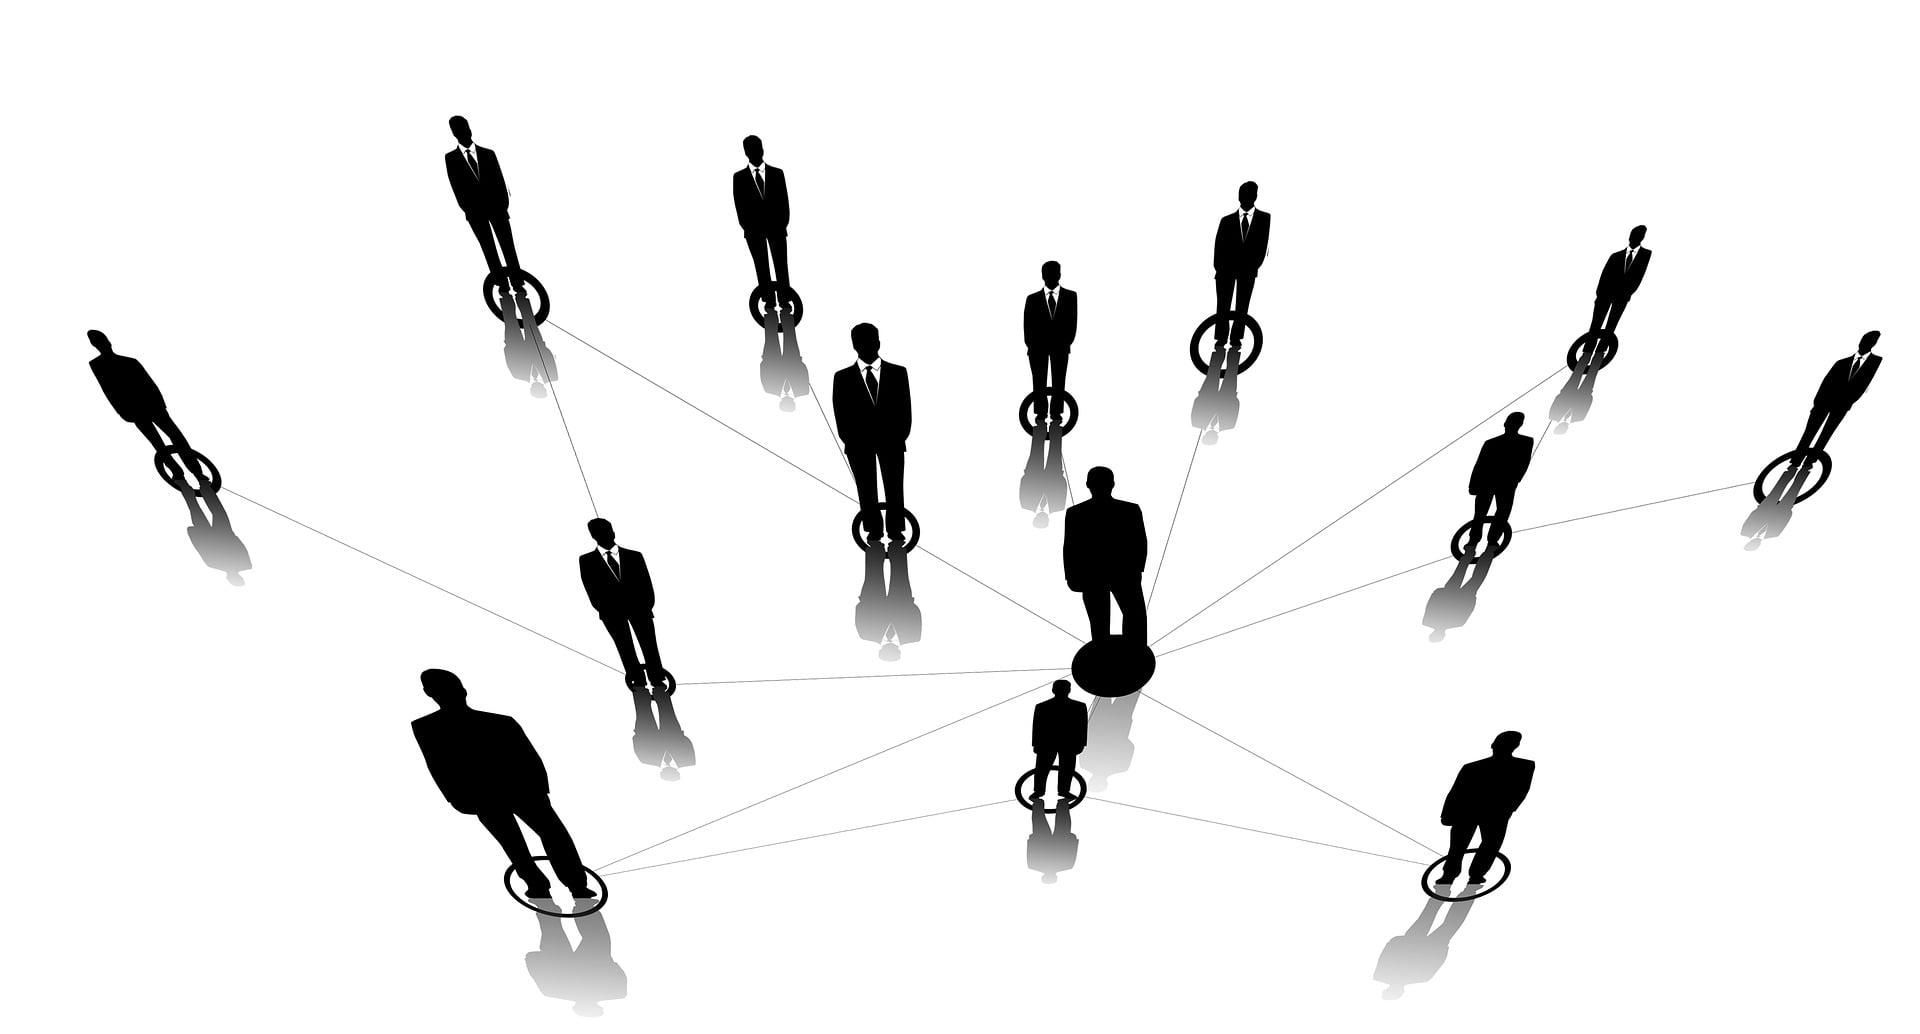 بازاریابی شبکه ای کسب و کار قرن ۲۱ است.